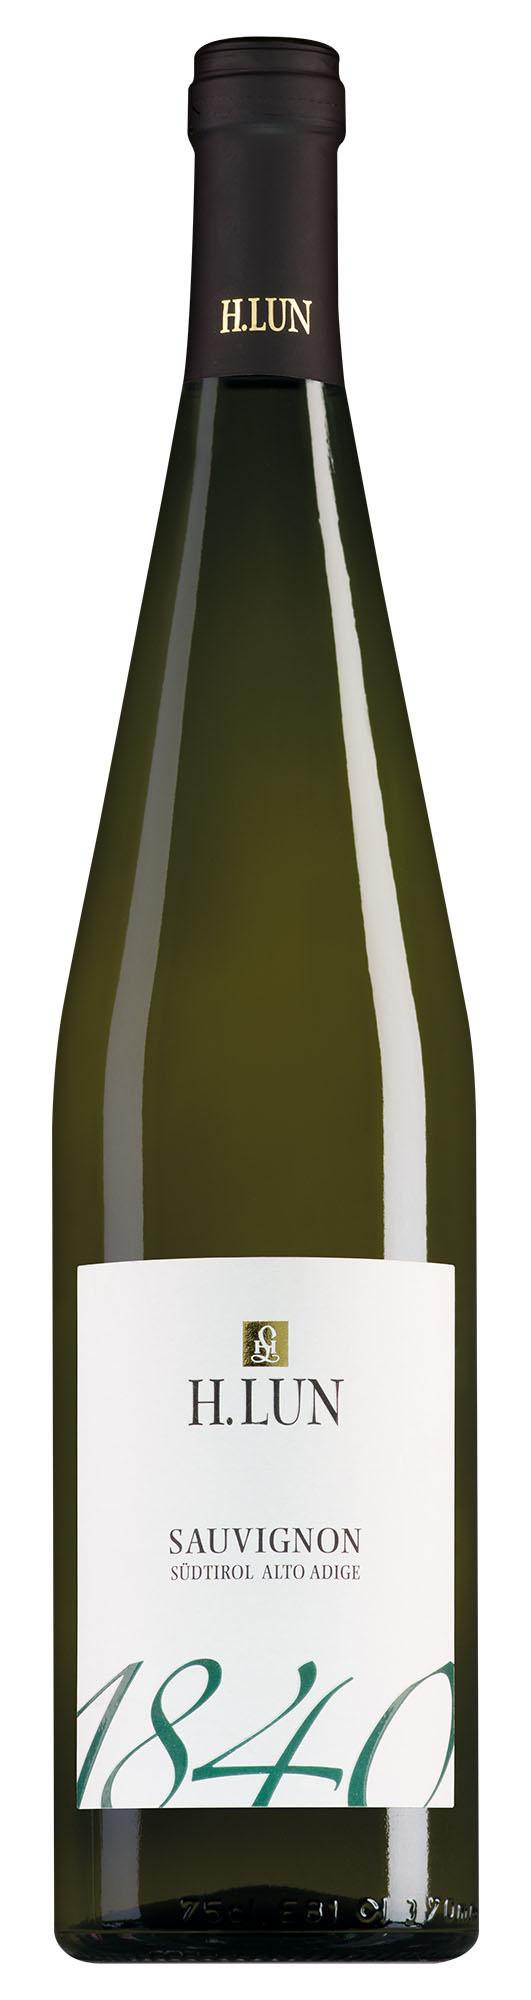 H. Lun Alto Adige Sauvignon Blanc 2020